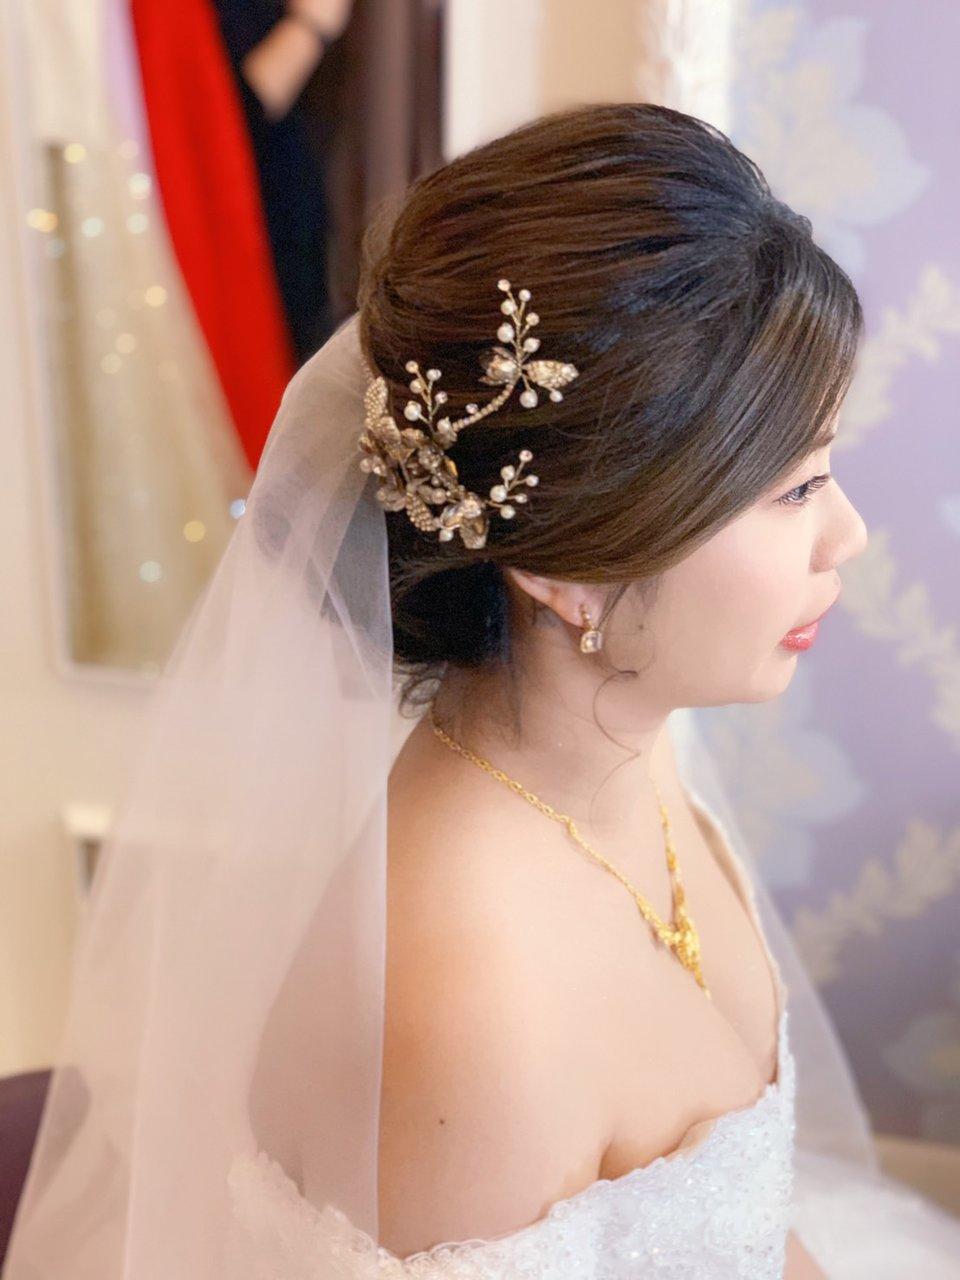 台北新秘erica lin專業新娘造型師,大推!!細心又專業的好老師👍